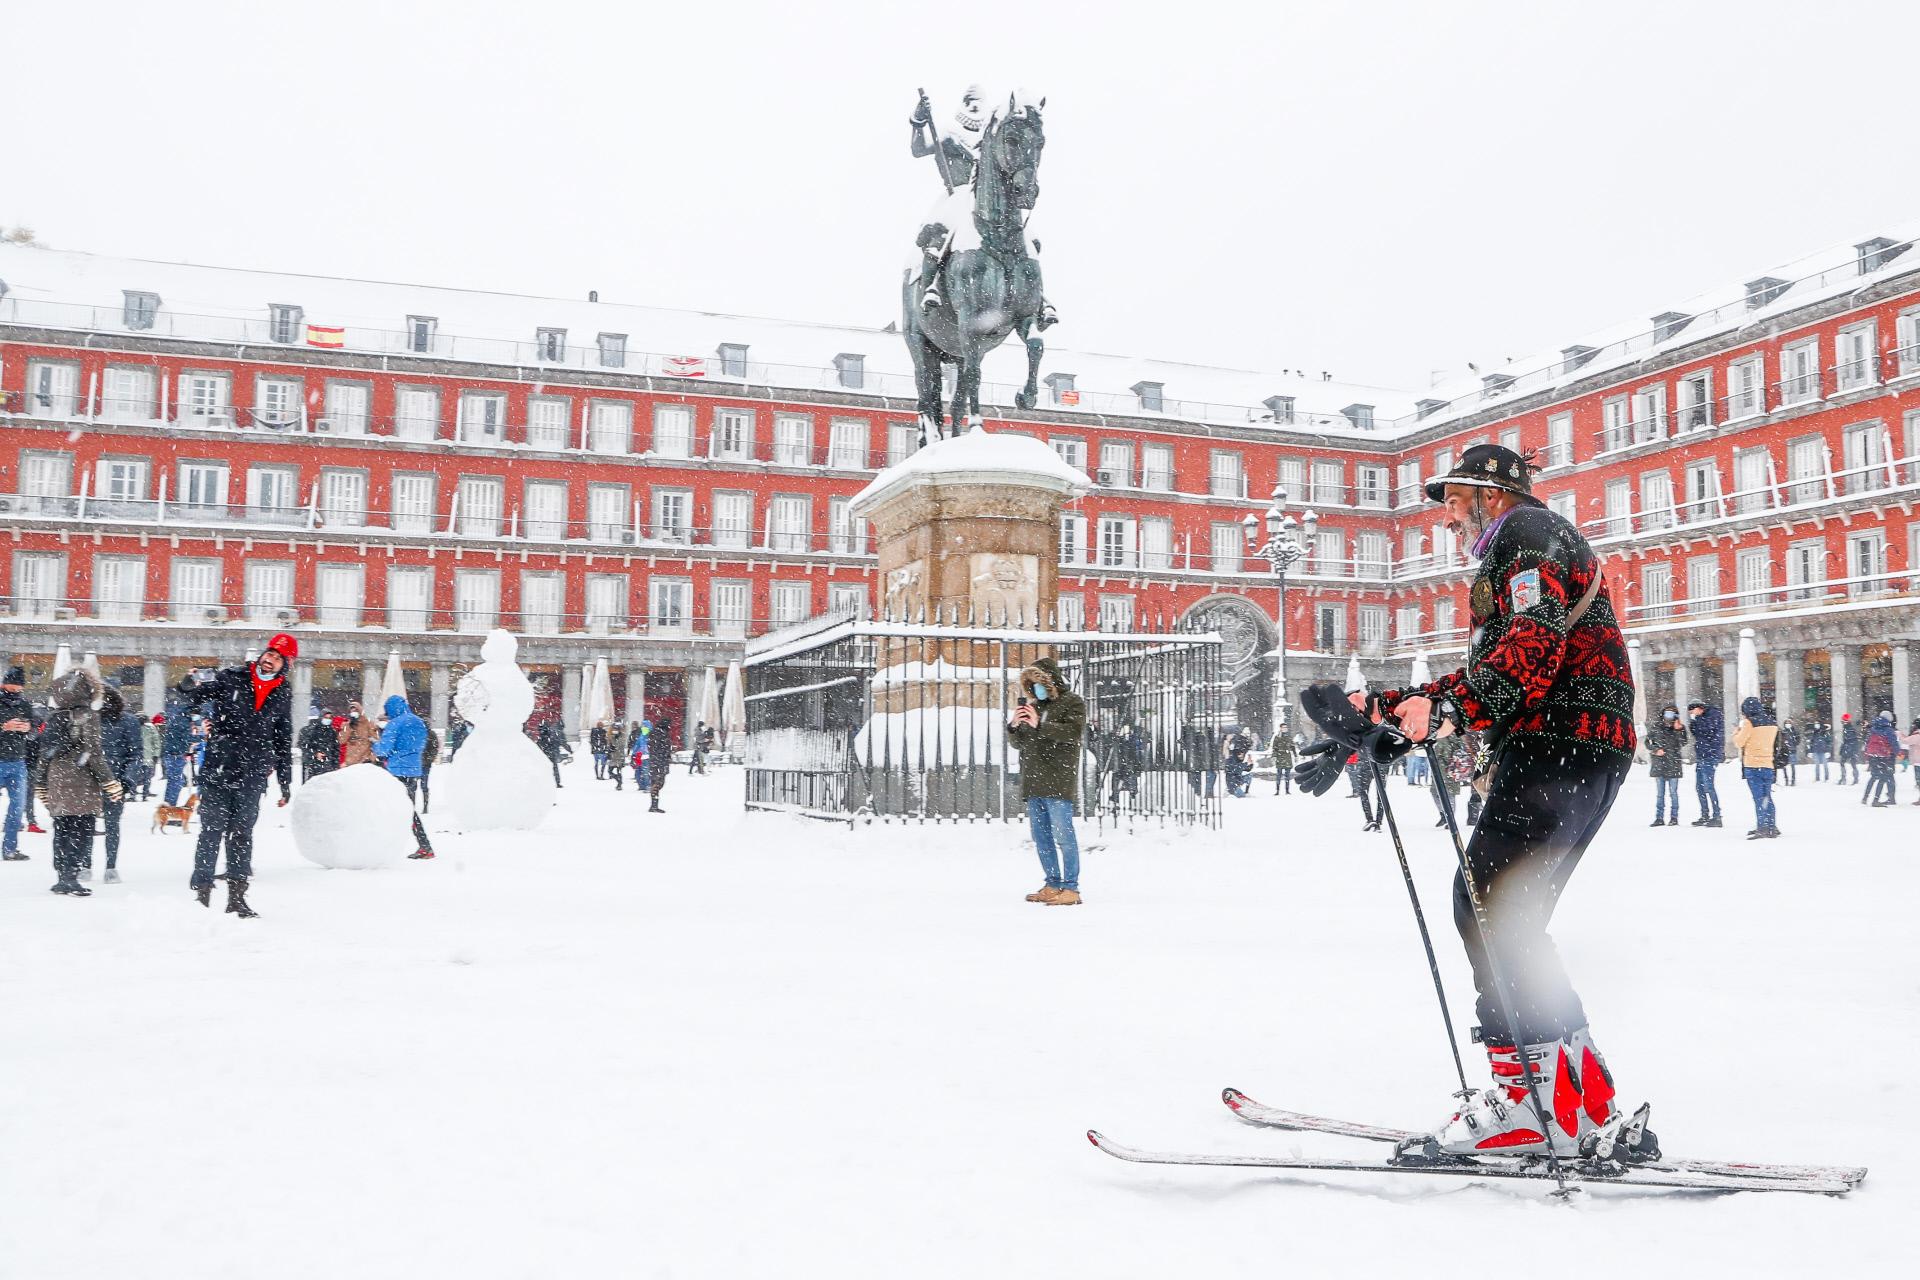 Paseando por la Plaza Mayos con esquís